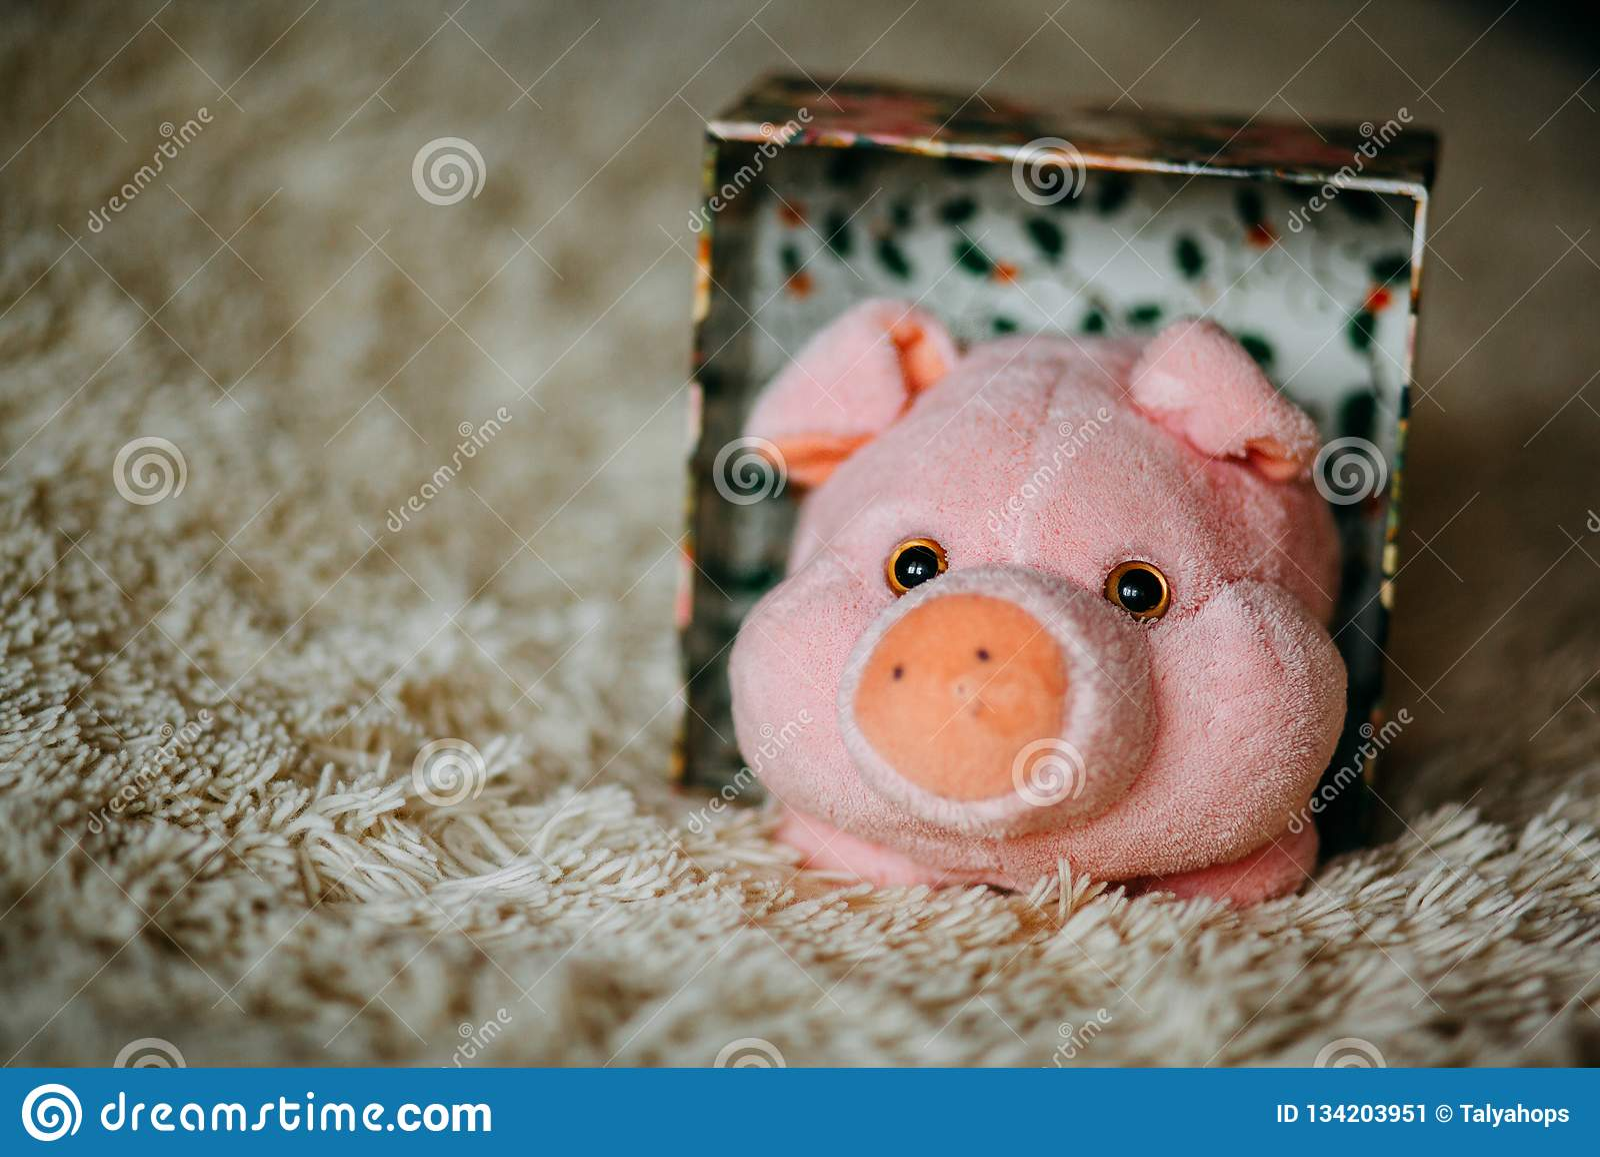 Weihnachtsgeschenk mit rosa Plüschspielzeugschwein